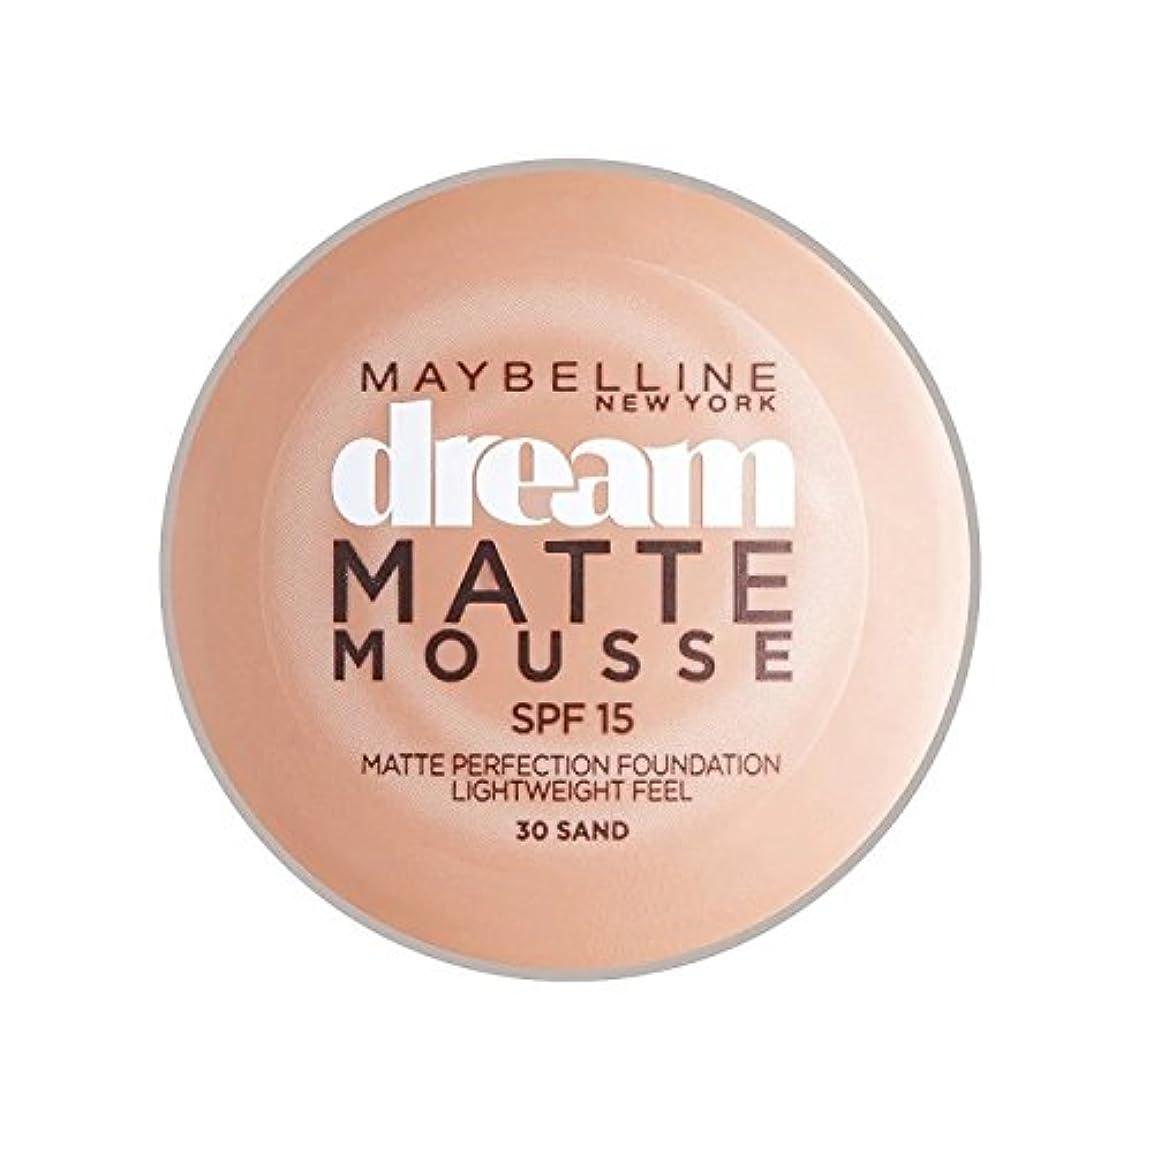 競争ちらつき空いているMaybelline Dream Matte Mousse Foundation 30 Sand 10ml - メイベリン夢のマットムース土台30砂の10ミリリットル [並行輸入品]